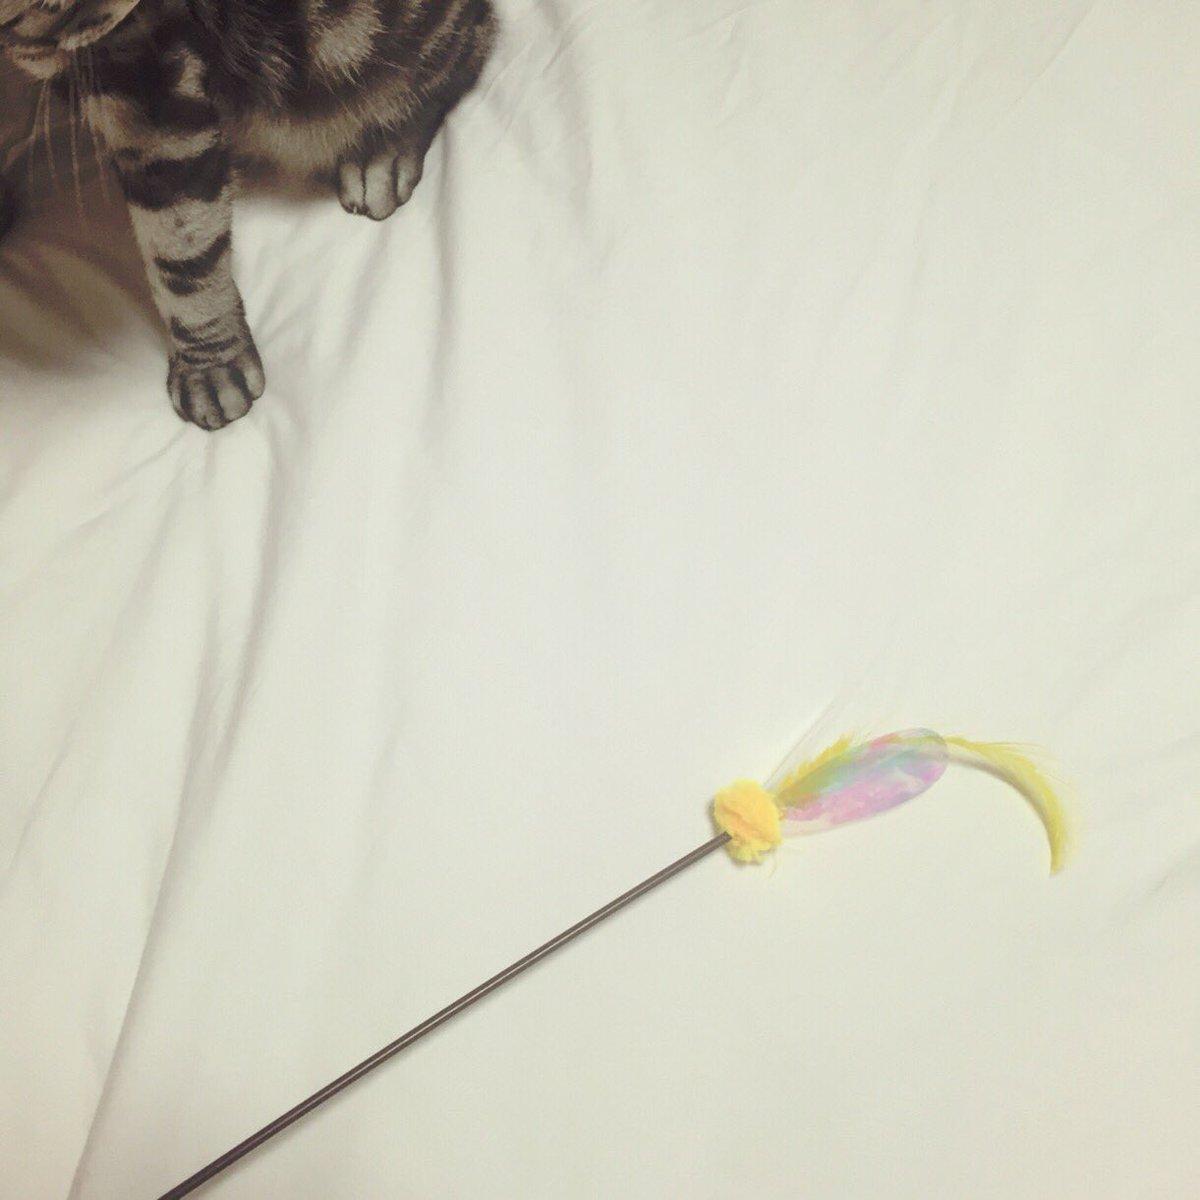 ビス様に一瞬遊んでいただきました。。  #猫 #cat #ビス #BIS様